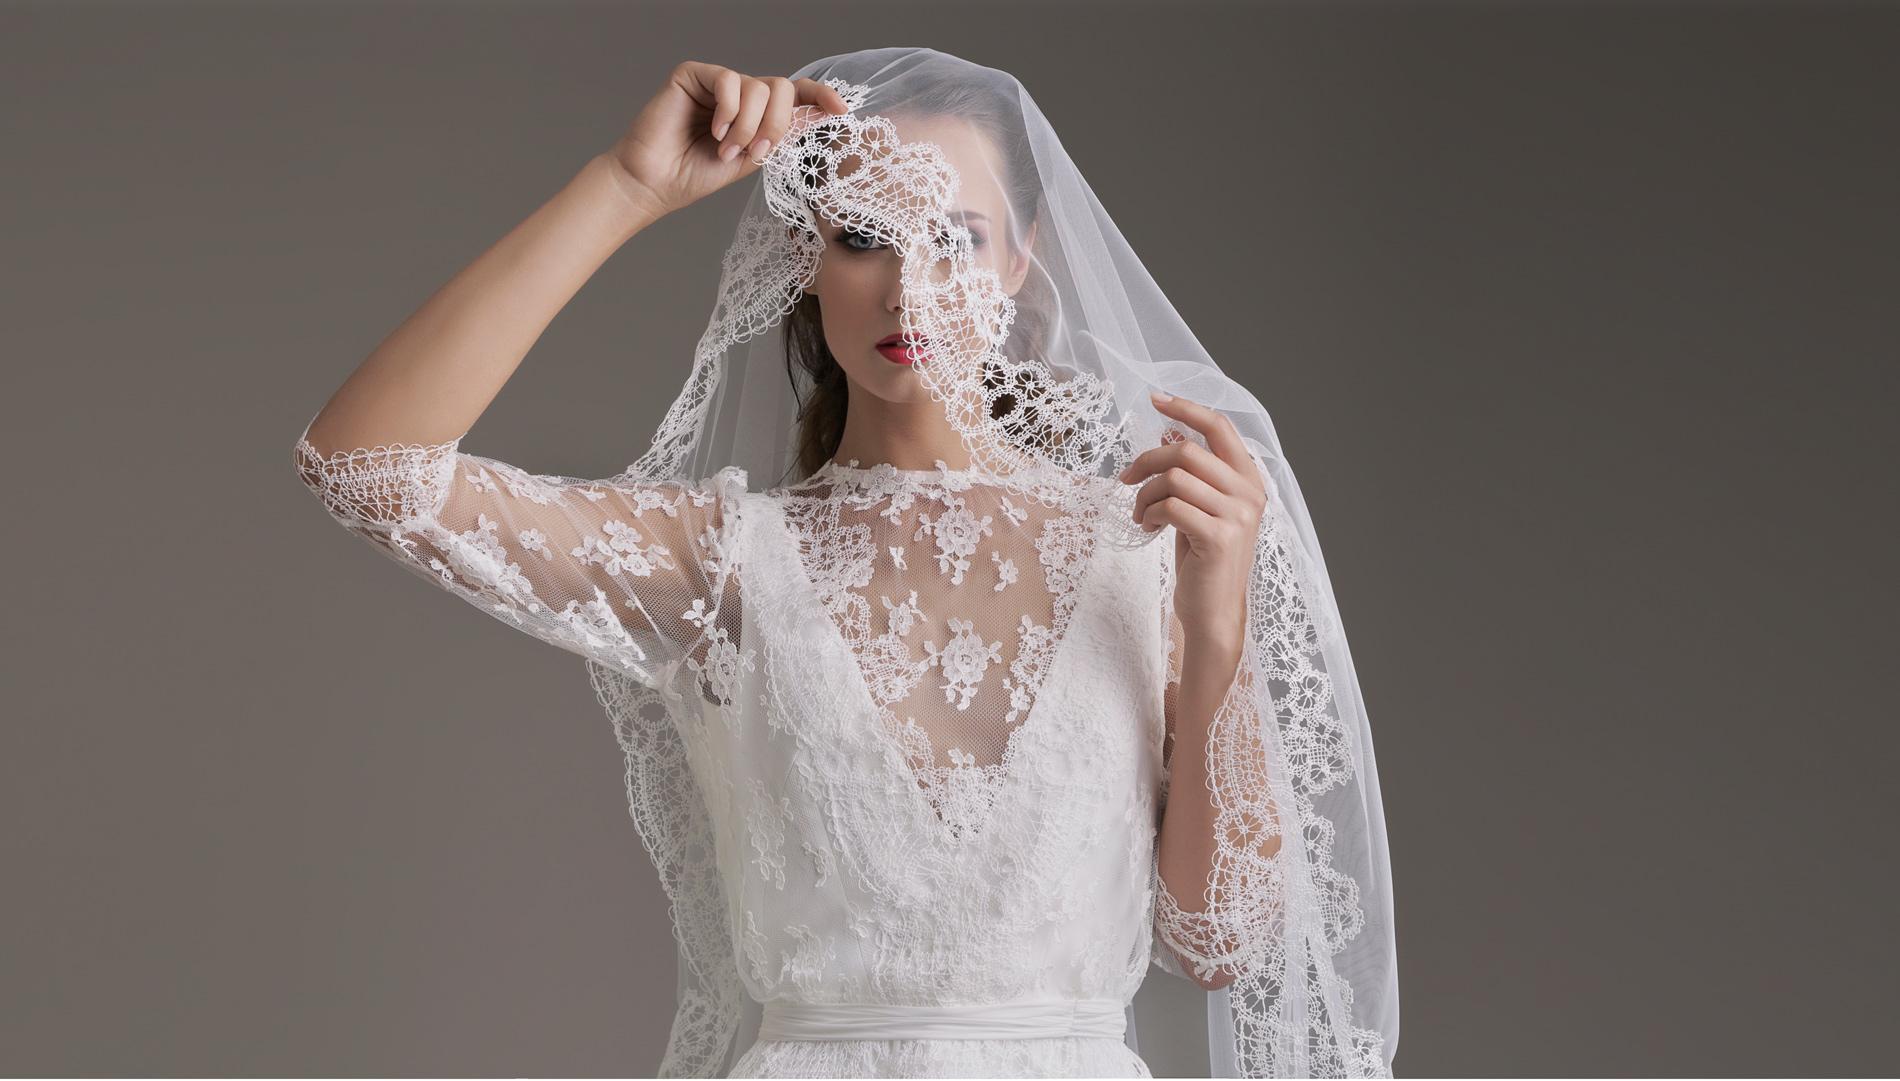 Matrimonio In Dicembre : Matrimonio a dicembre abiti da sposa con le maniche per nozze